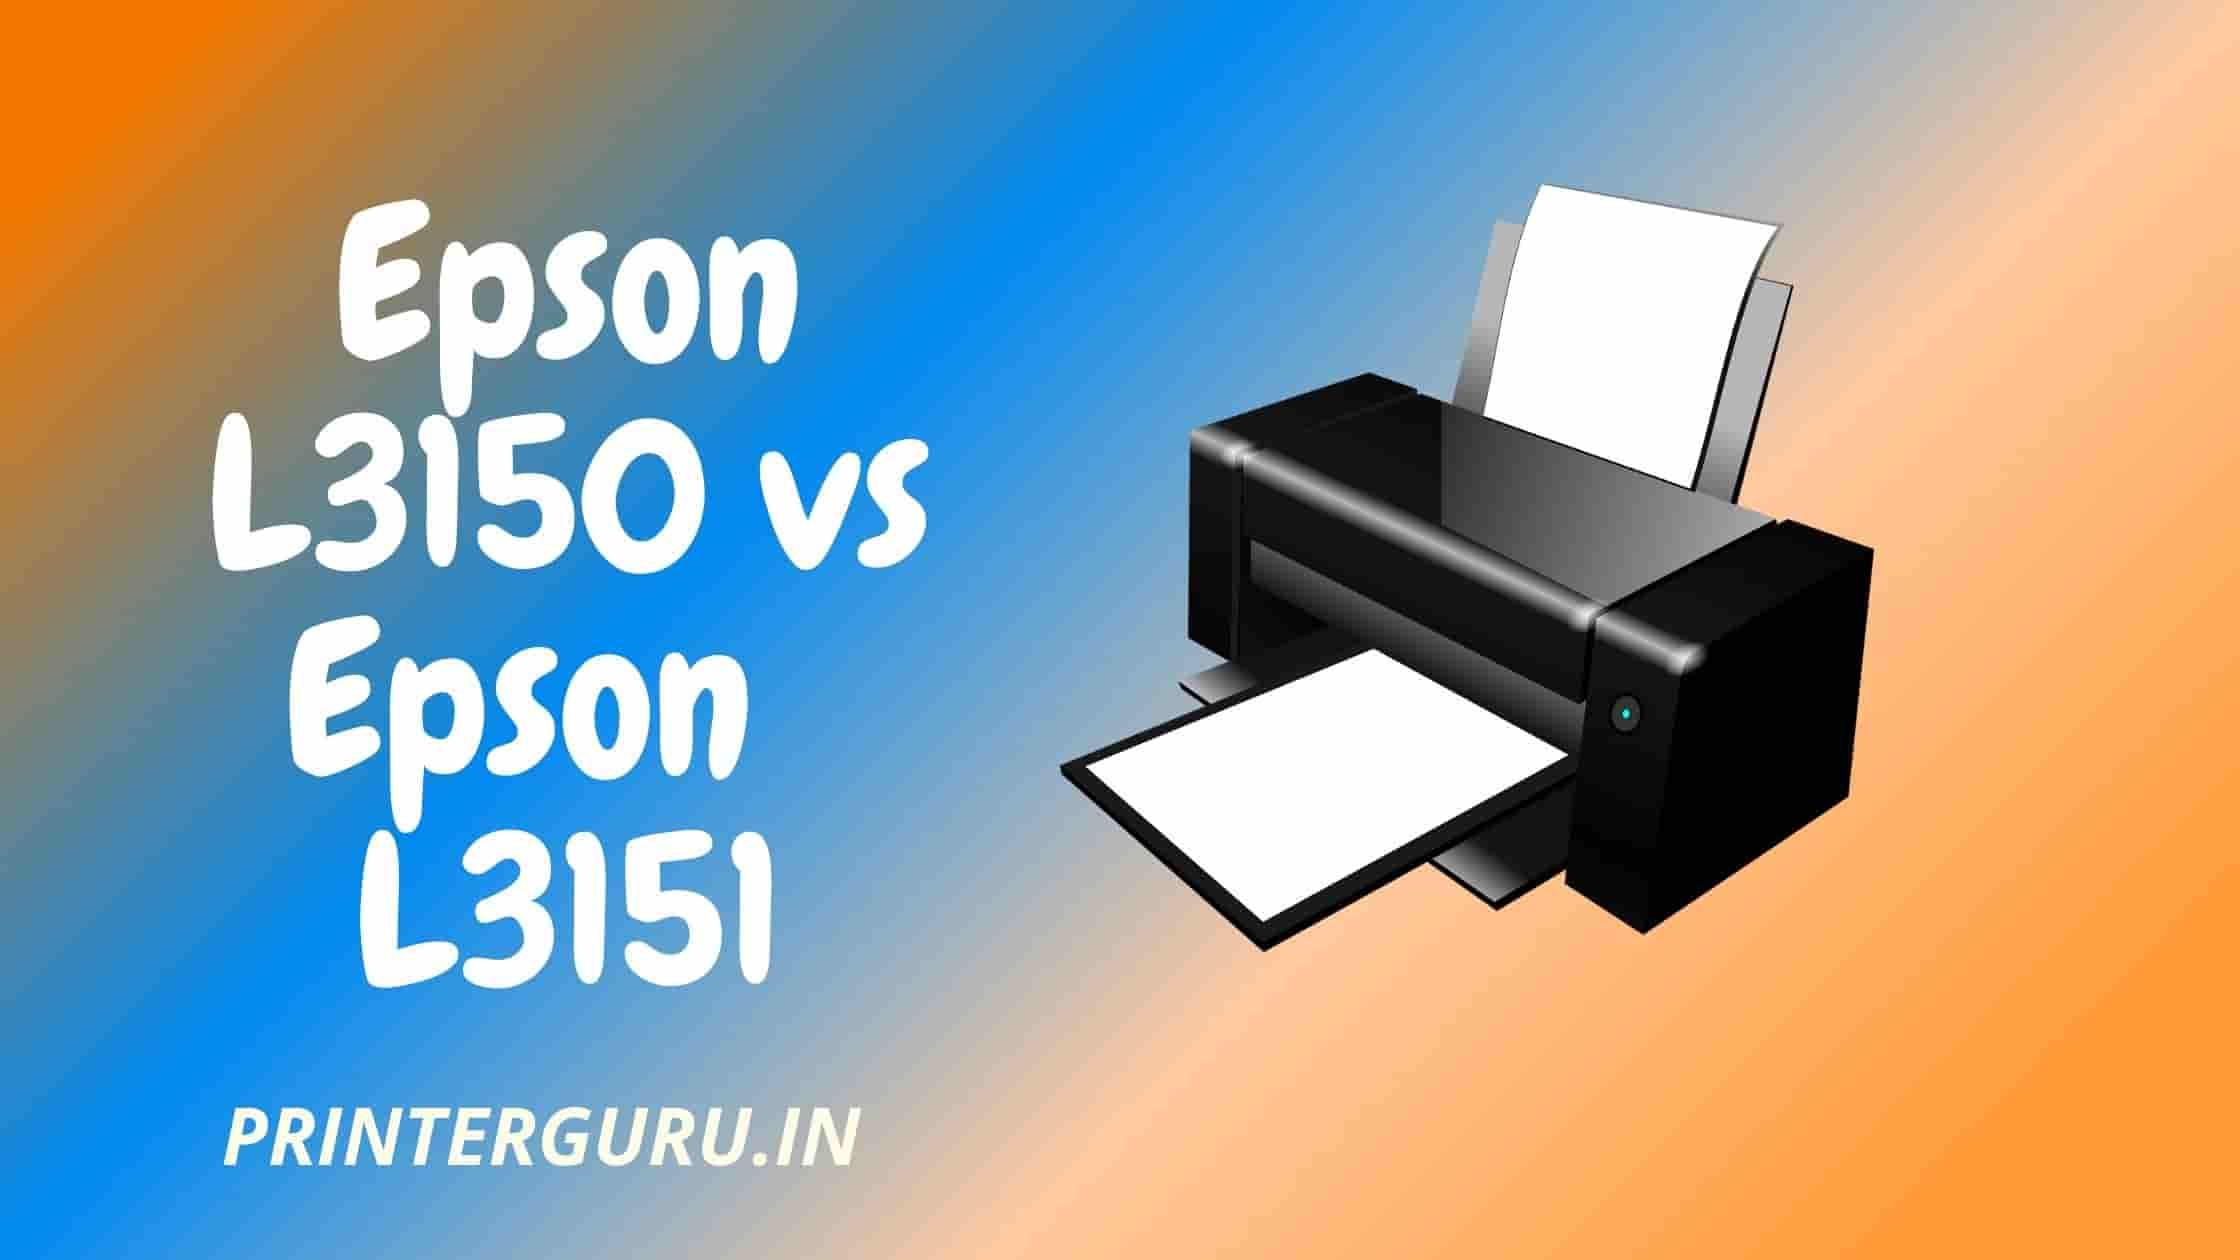 Epson L3150 vs Epson L3151